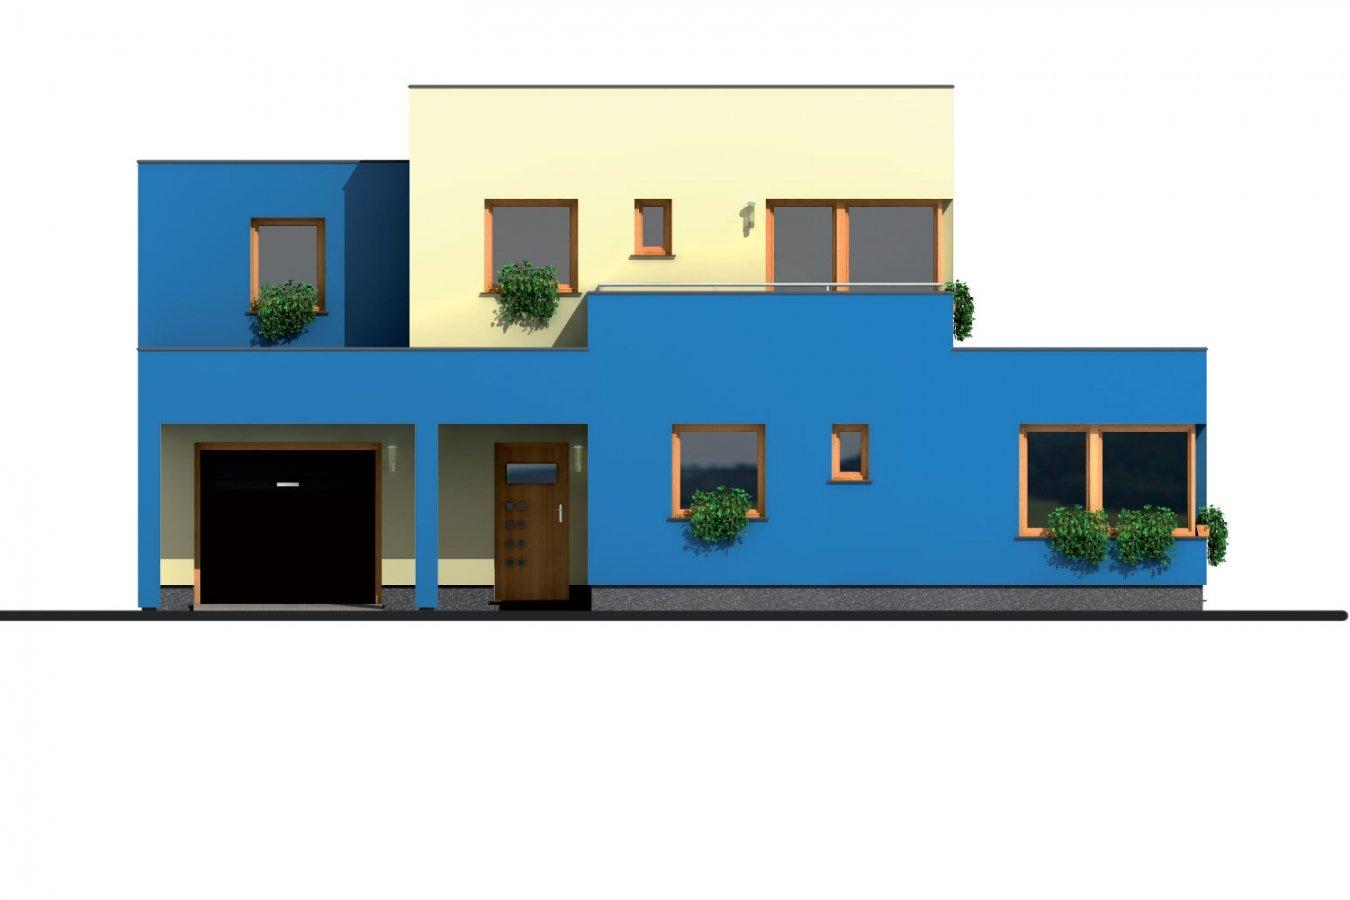 Pohľad 1. - Projekt moderného rodinného domu s plochou strechou, izbou na prízemí a garážou.